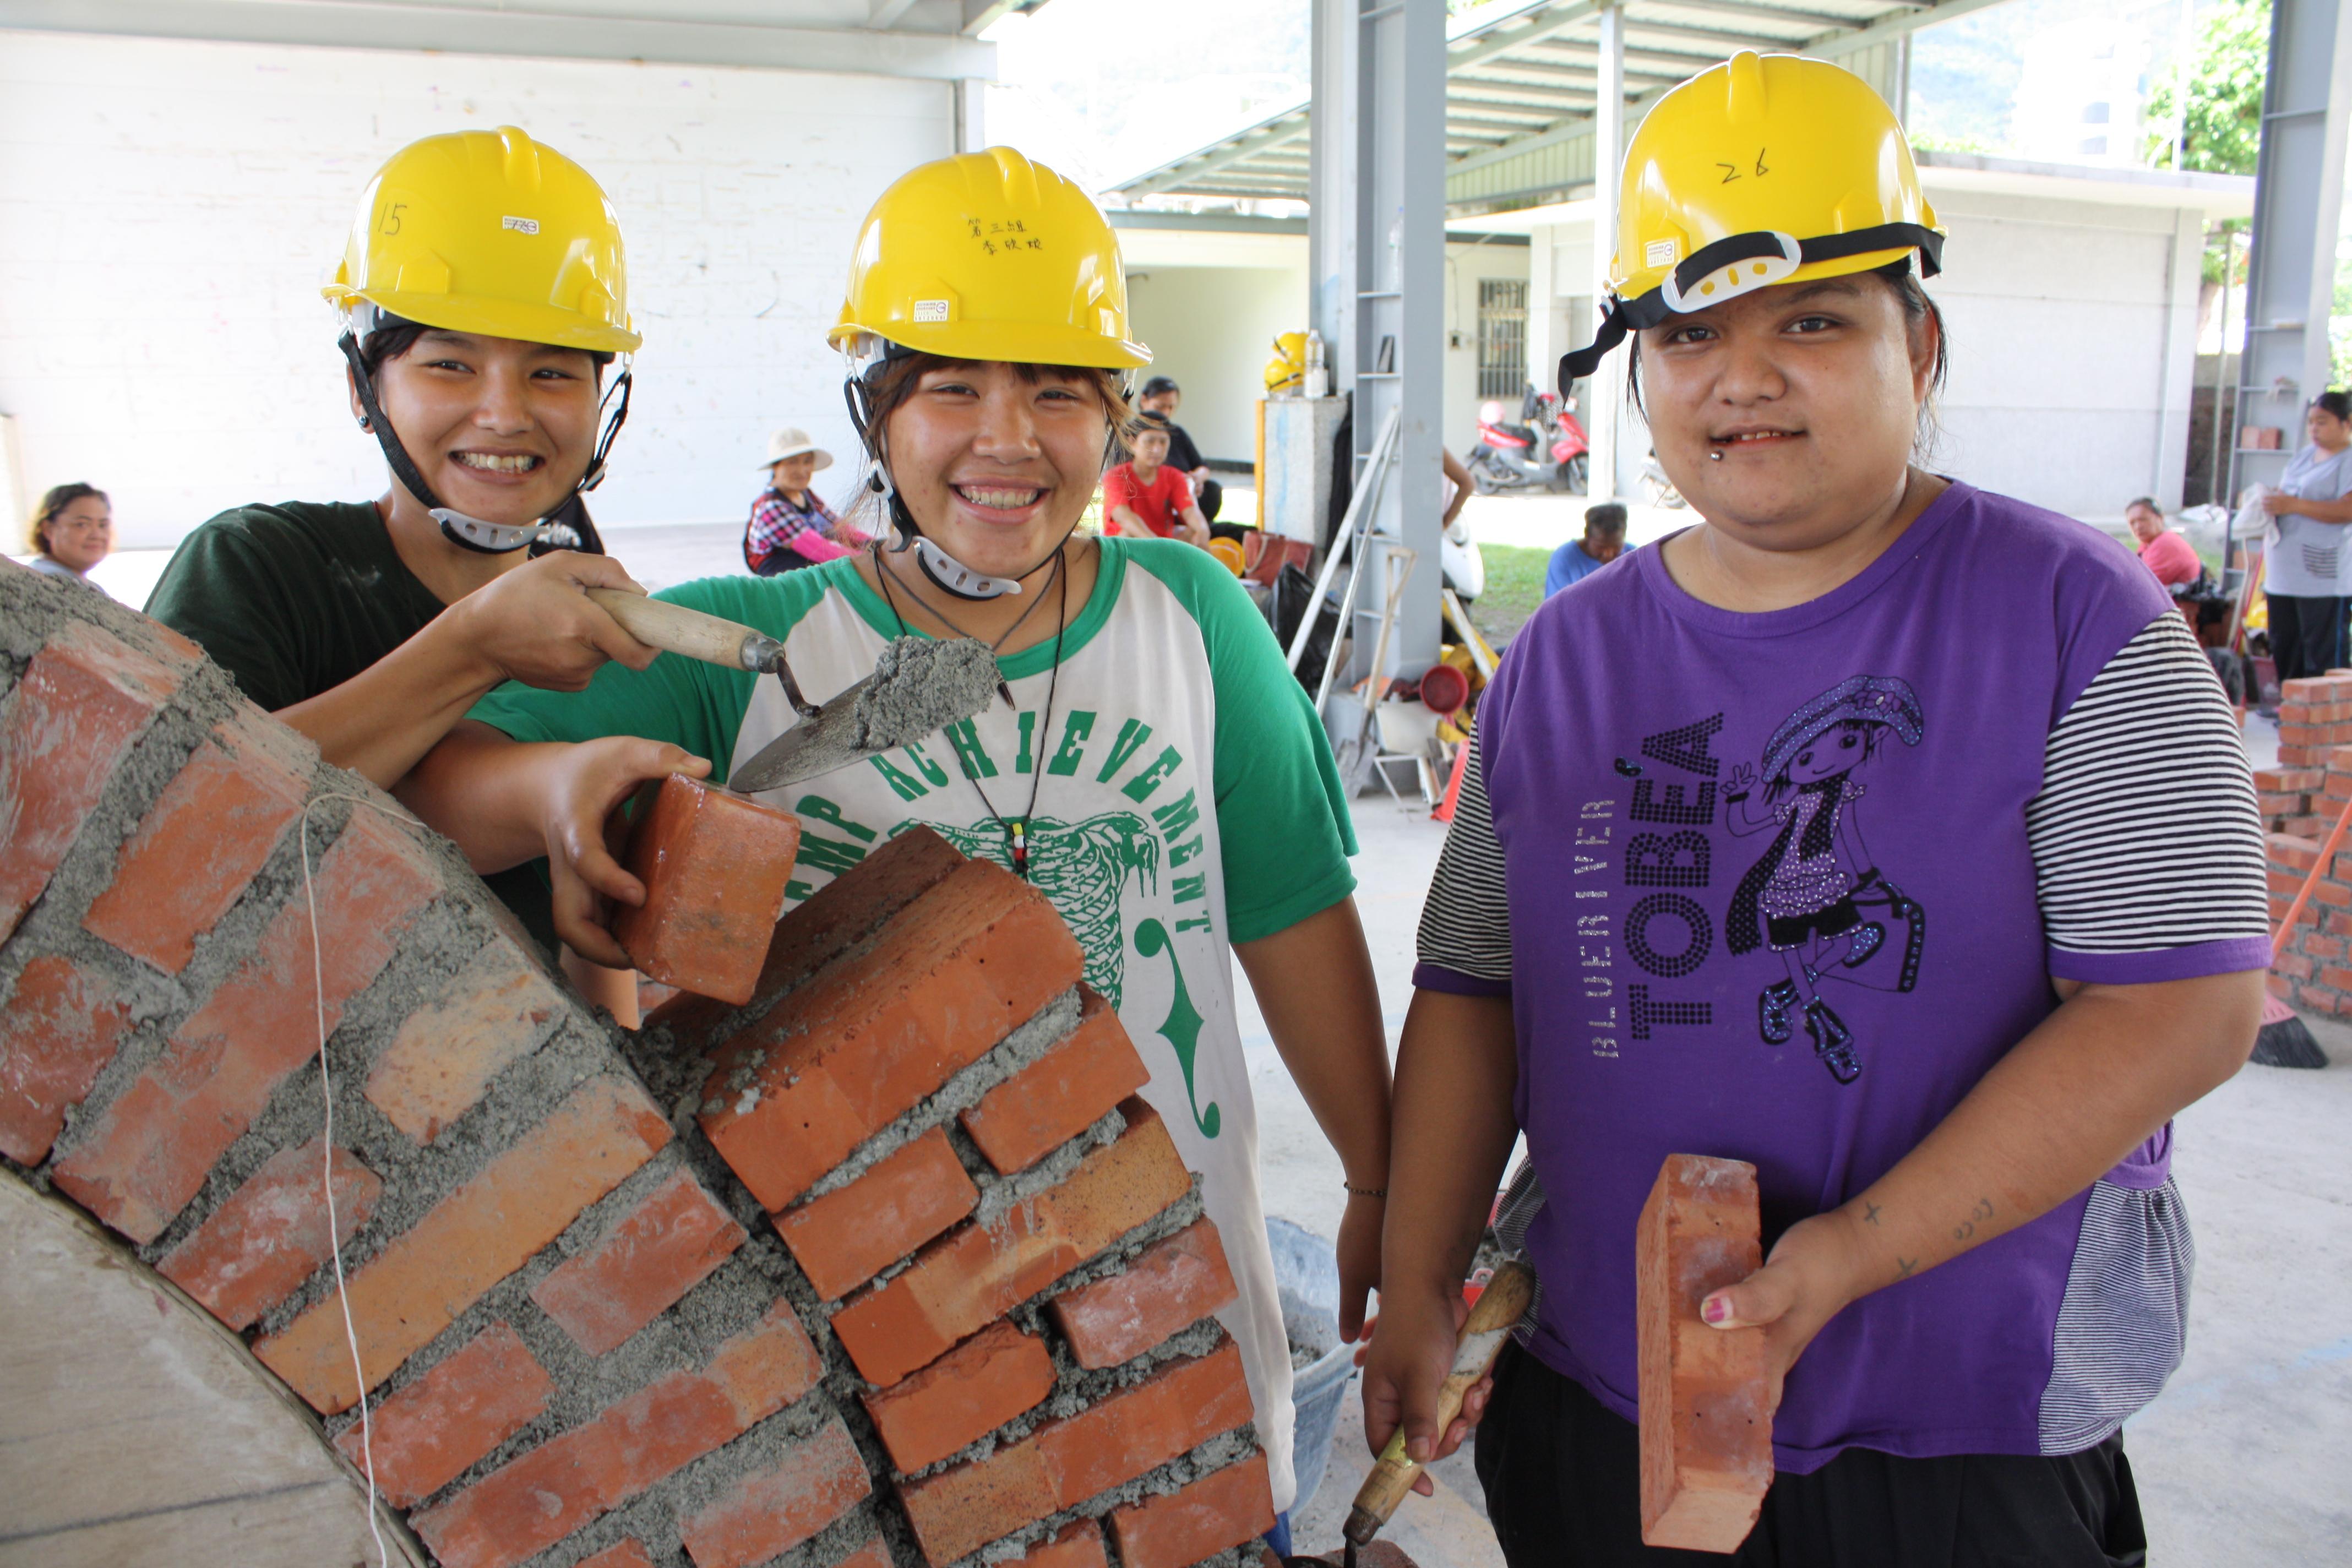 妙齡女孩們不怕苦 參與營建技術班學一技之長